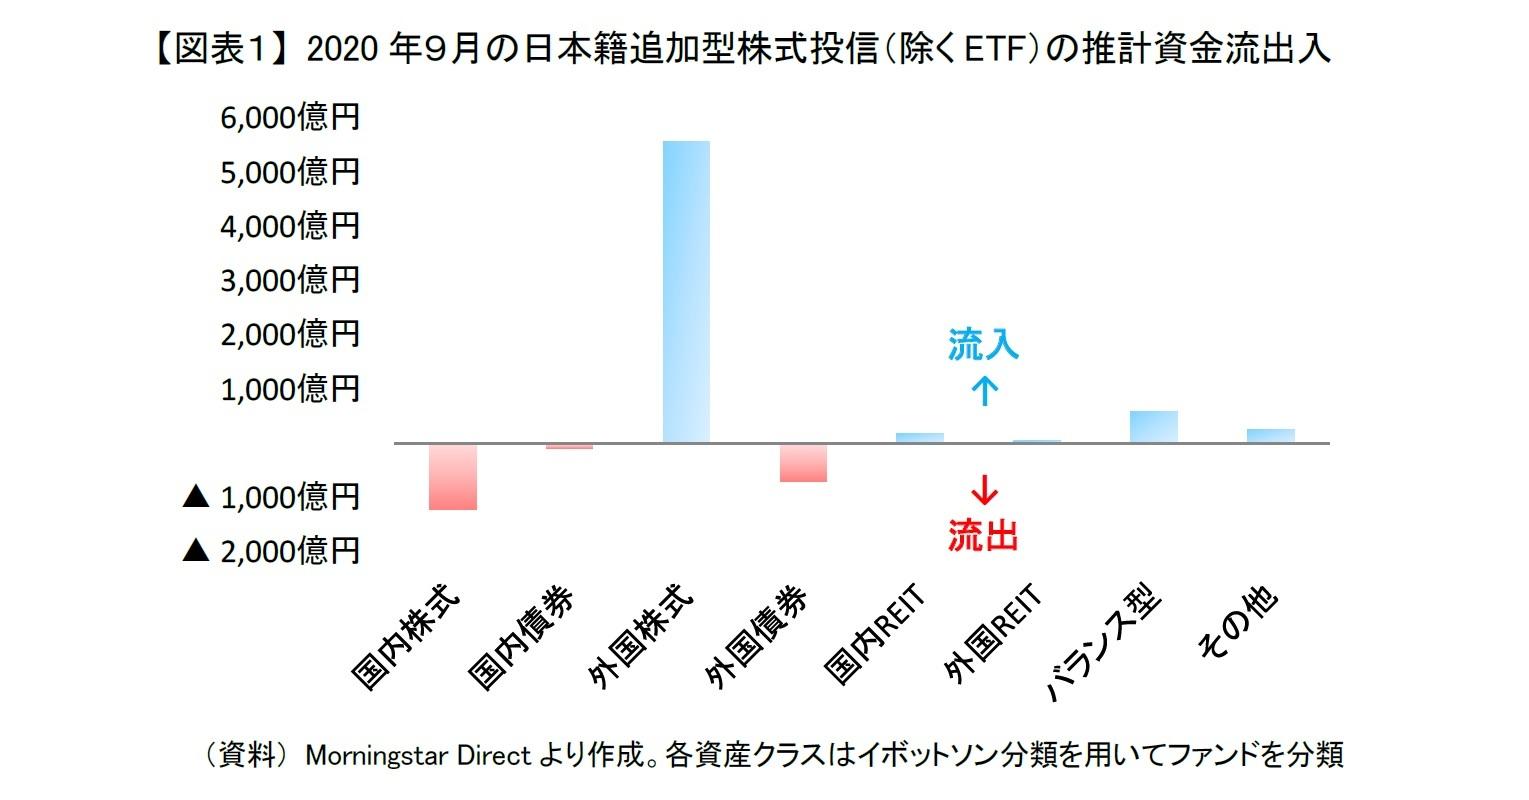 【図表1】 2020年9月の日本籍追加型株式投信(除くETF)の推計資金流出入